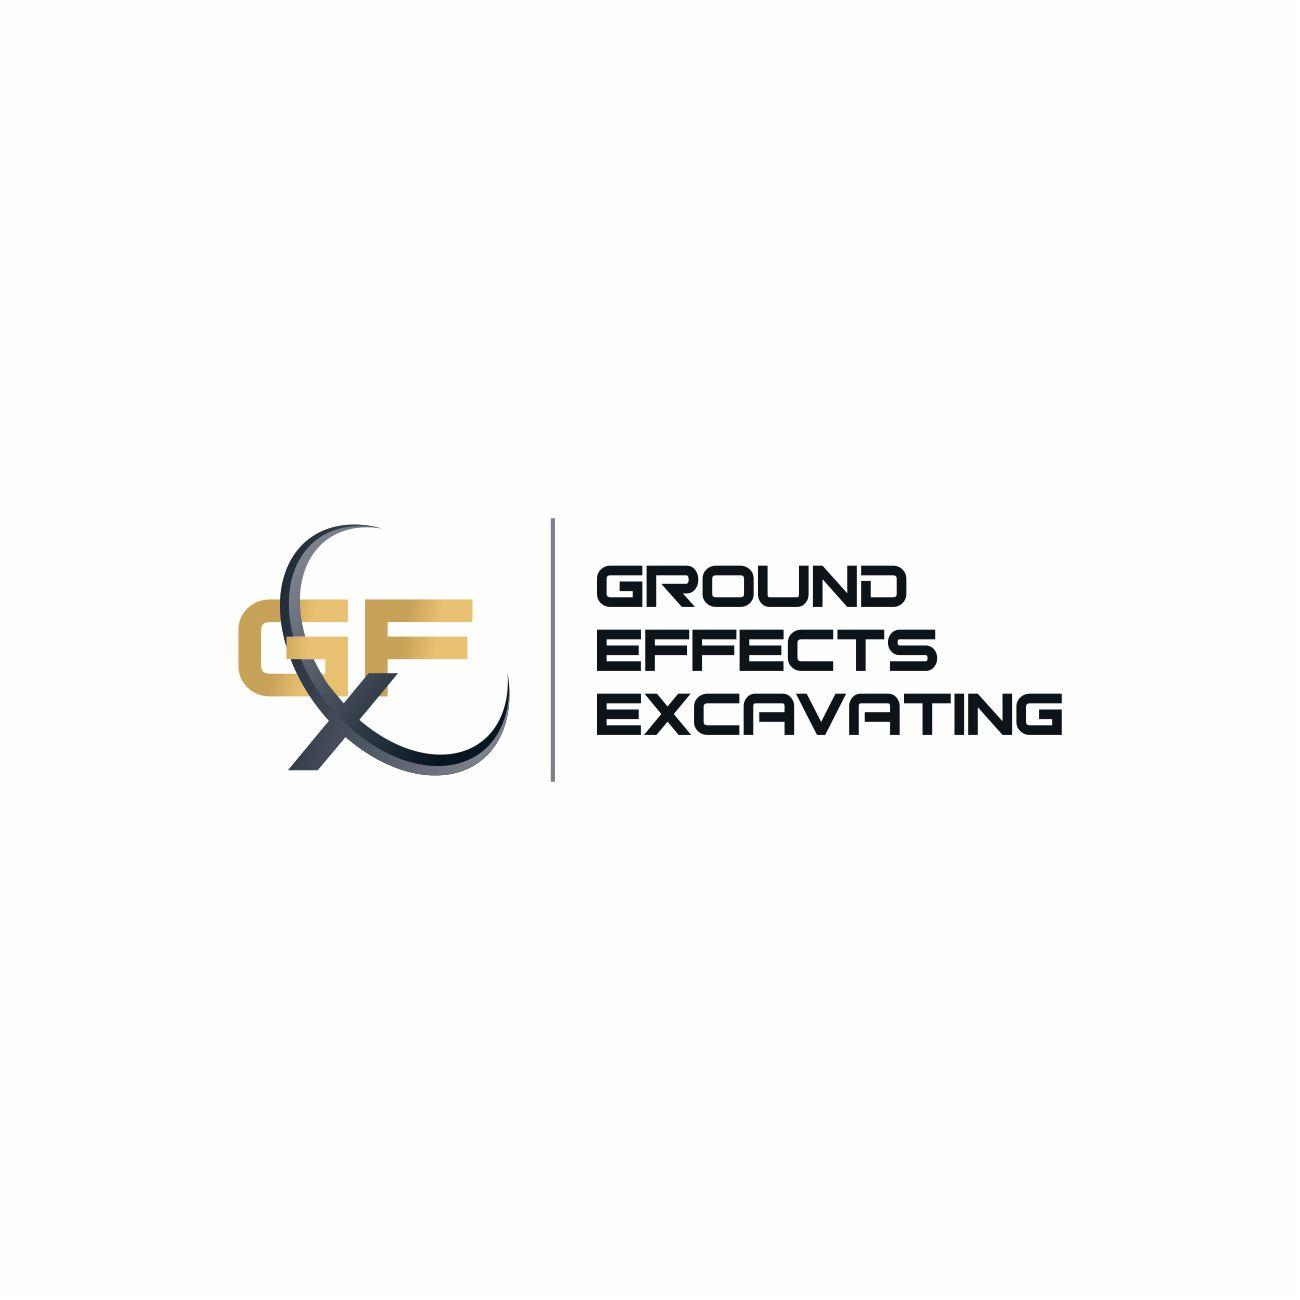 Logo Design Contests » Creative Logo Design for GFX Ground